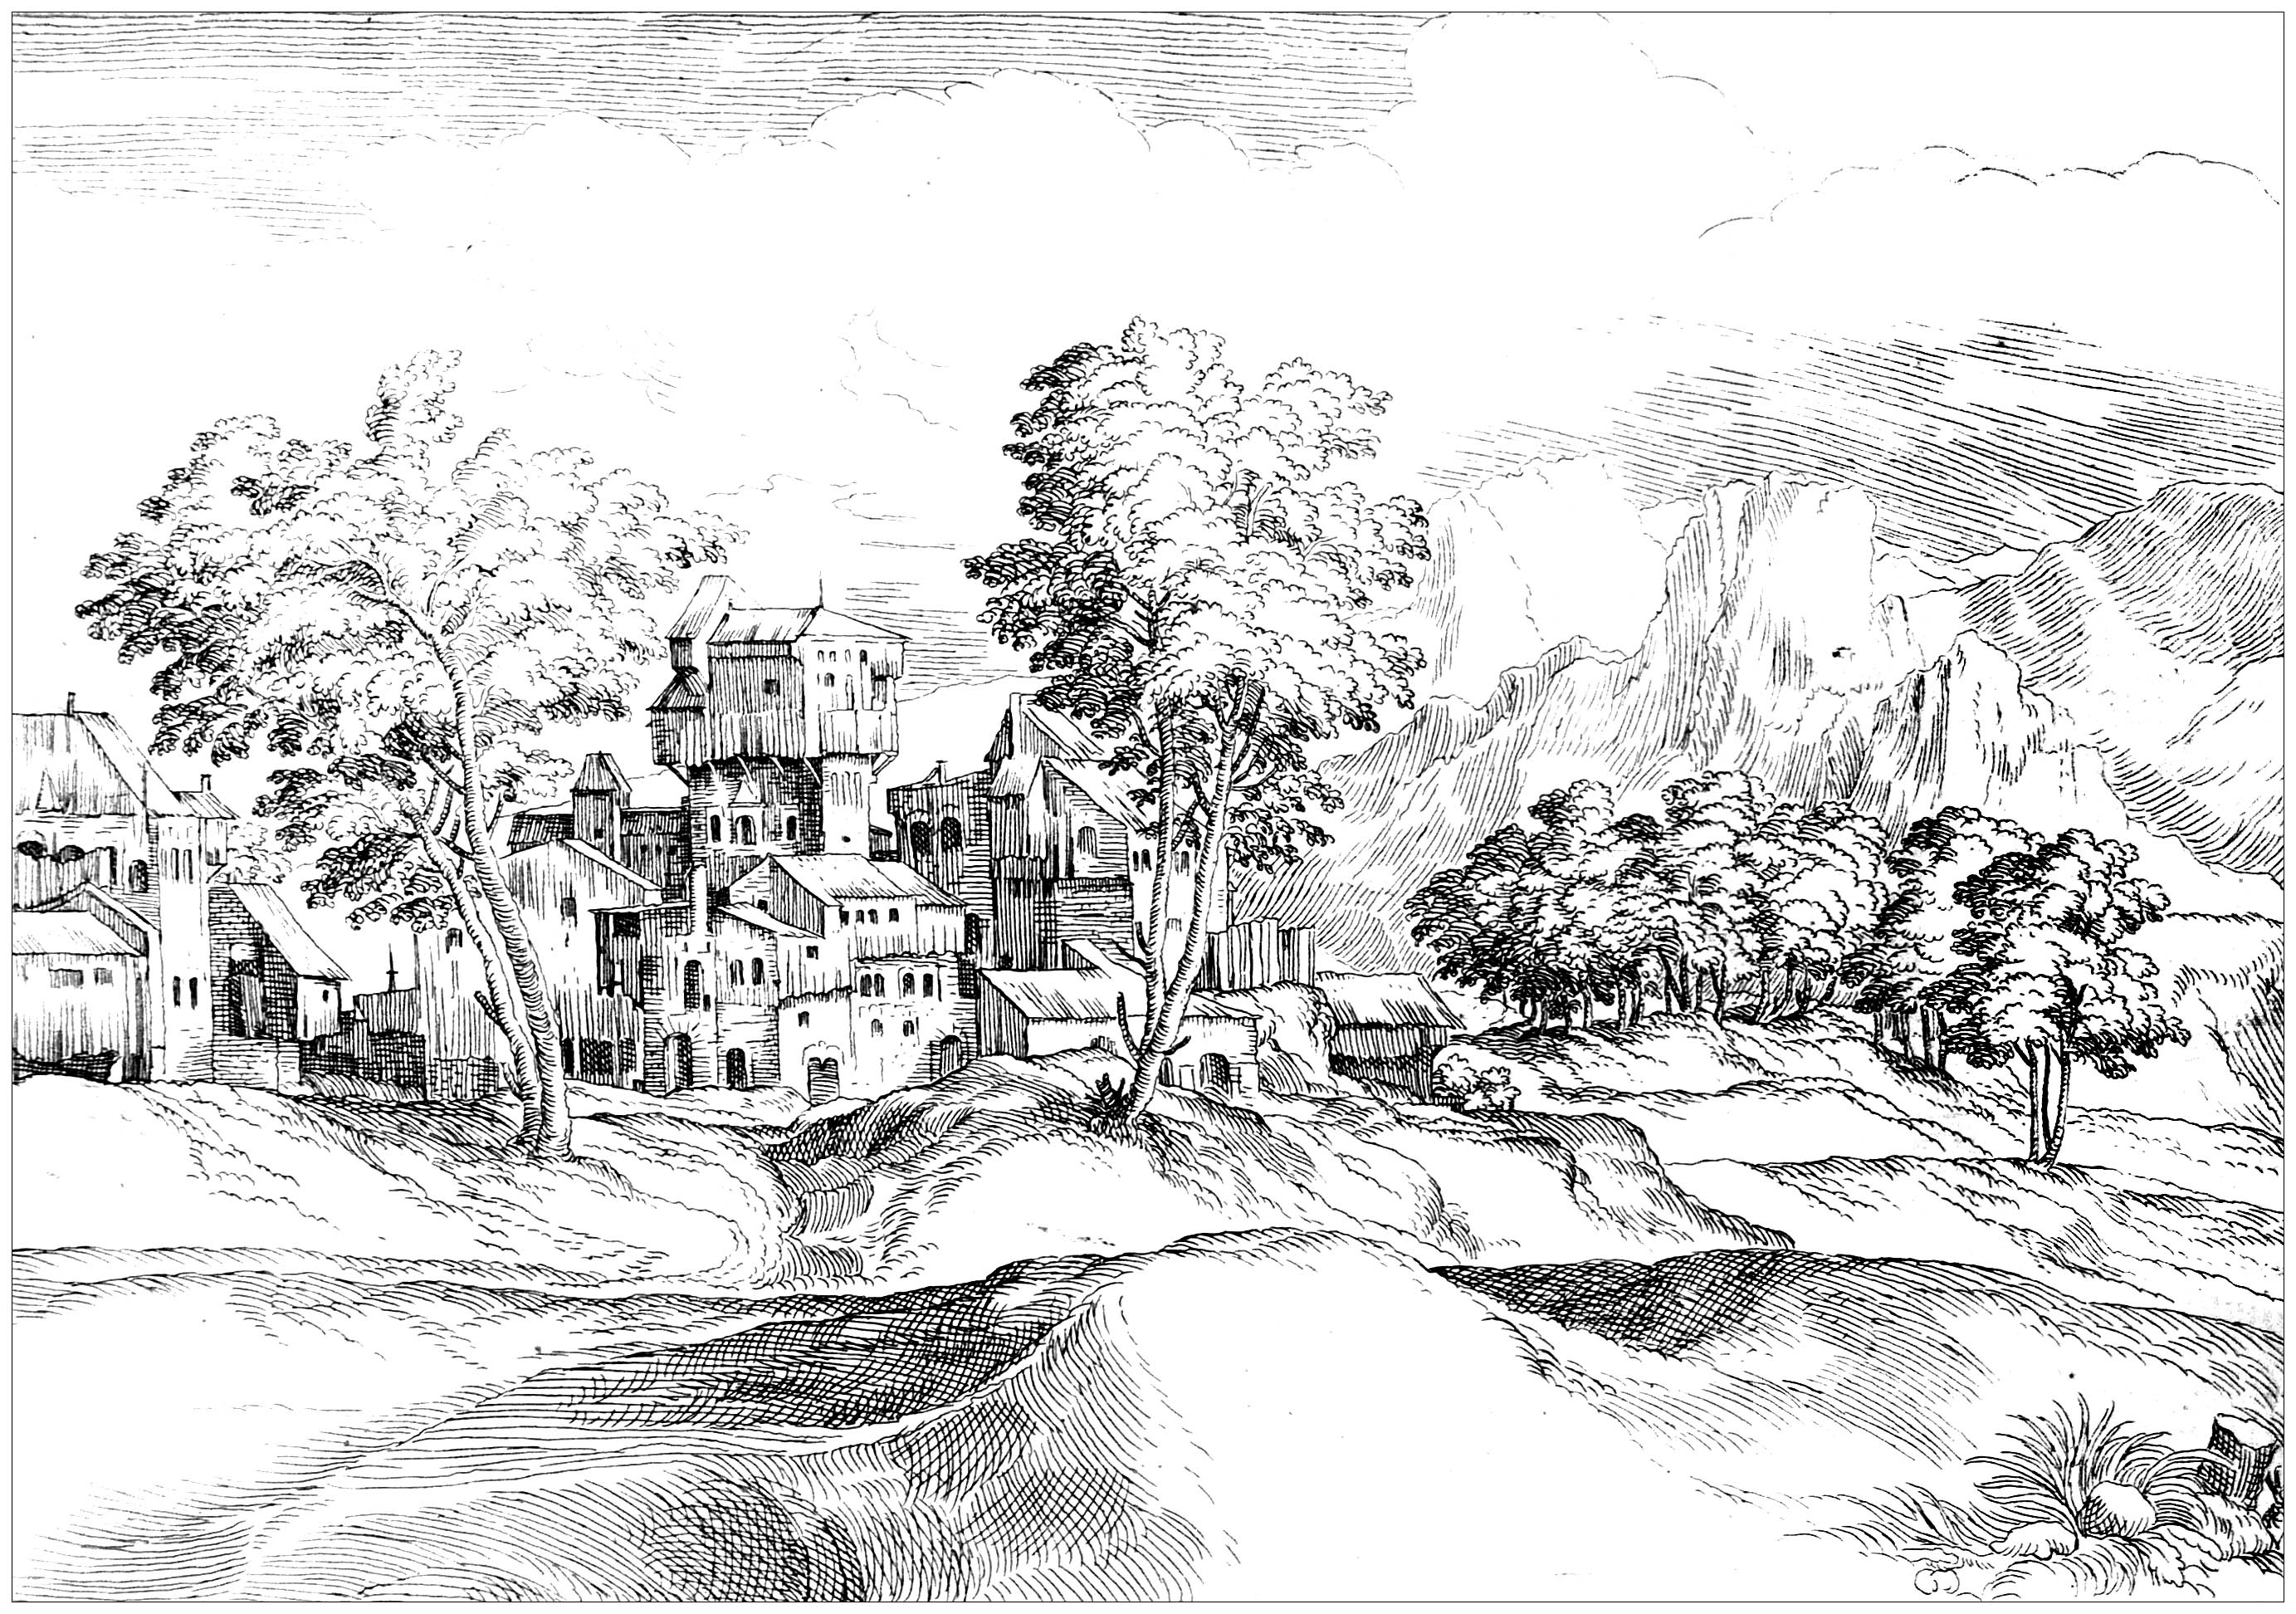 Landschaften 46757 - Landschaften - Malbuch Fur Erwachsene